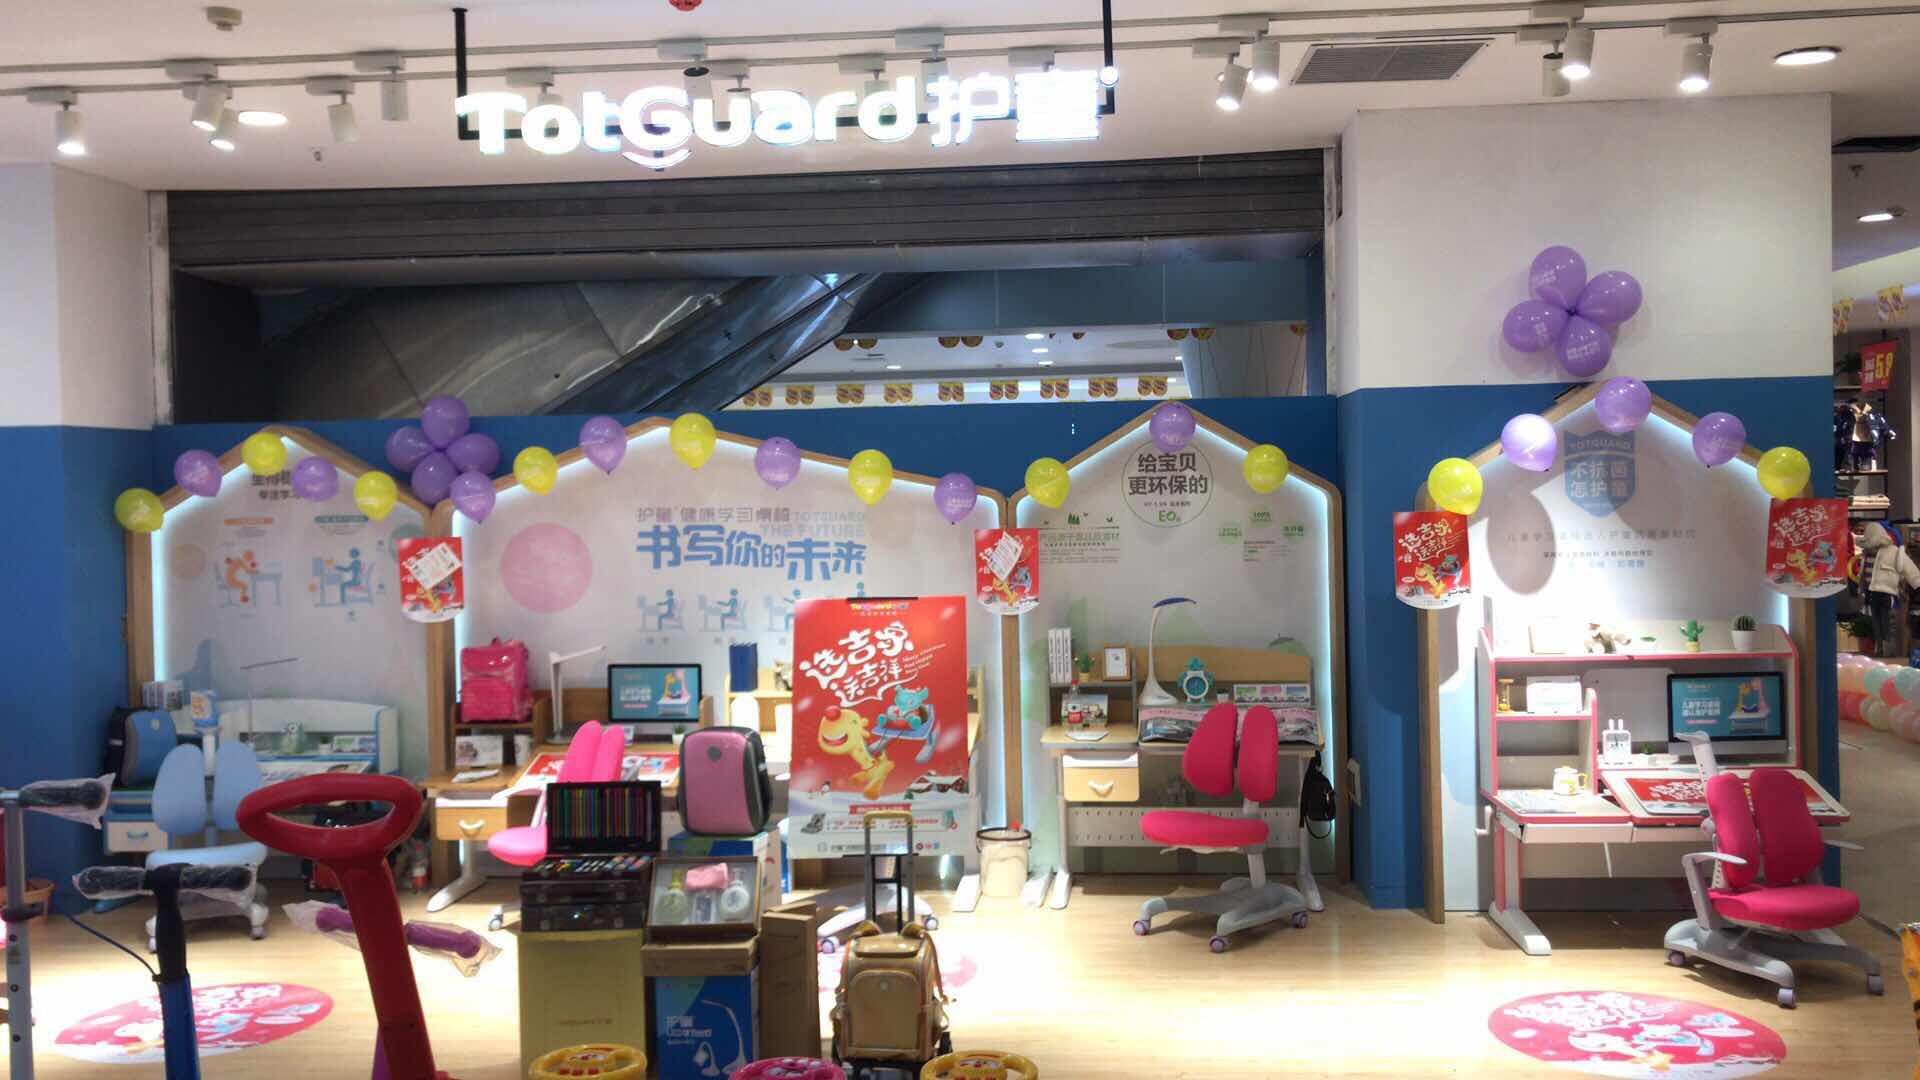 热烈祝贺护童第1570家驻马店爱家迪斯尼护童专柜盛大开业!